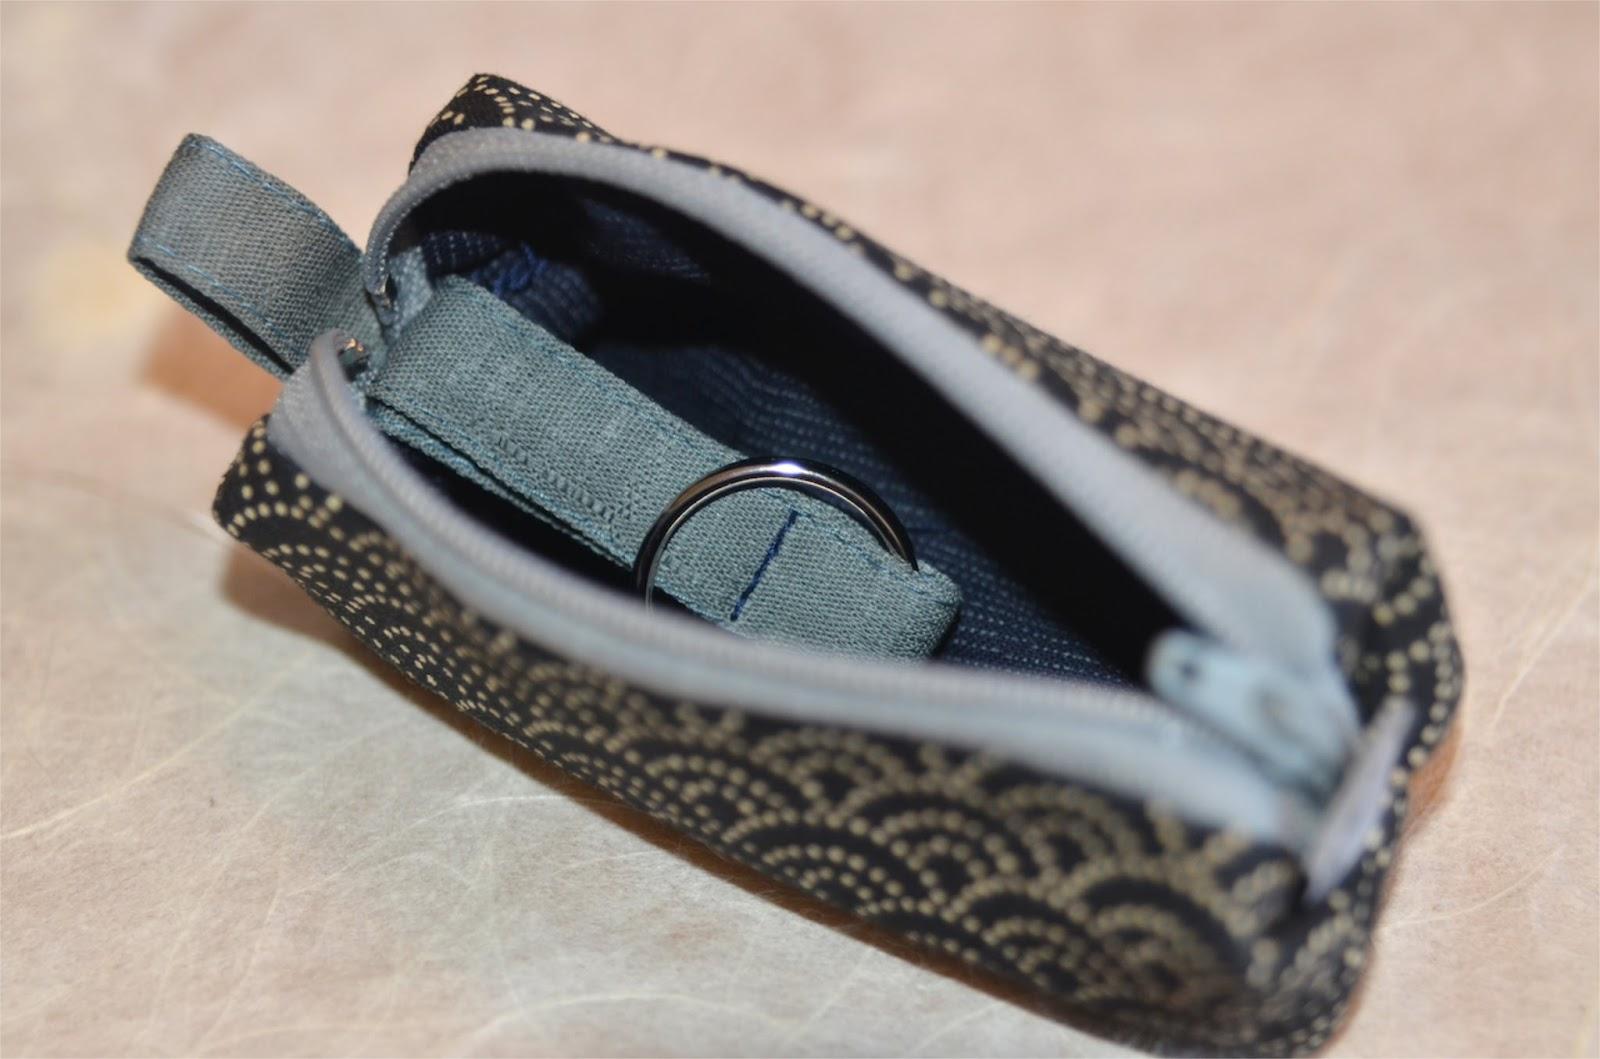 Schlüsseletui Kagi aus japanischen Stoffen von Noriko handmade, Japan, Design